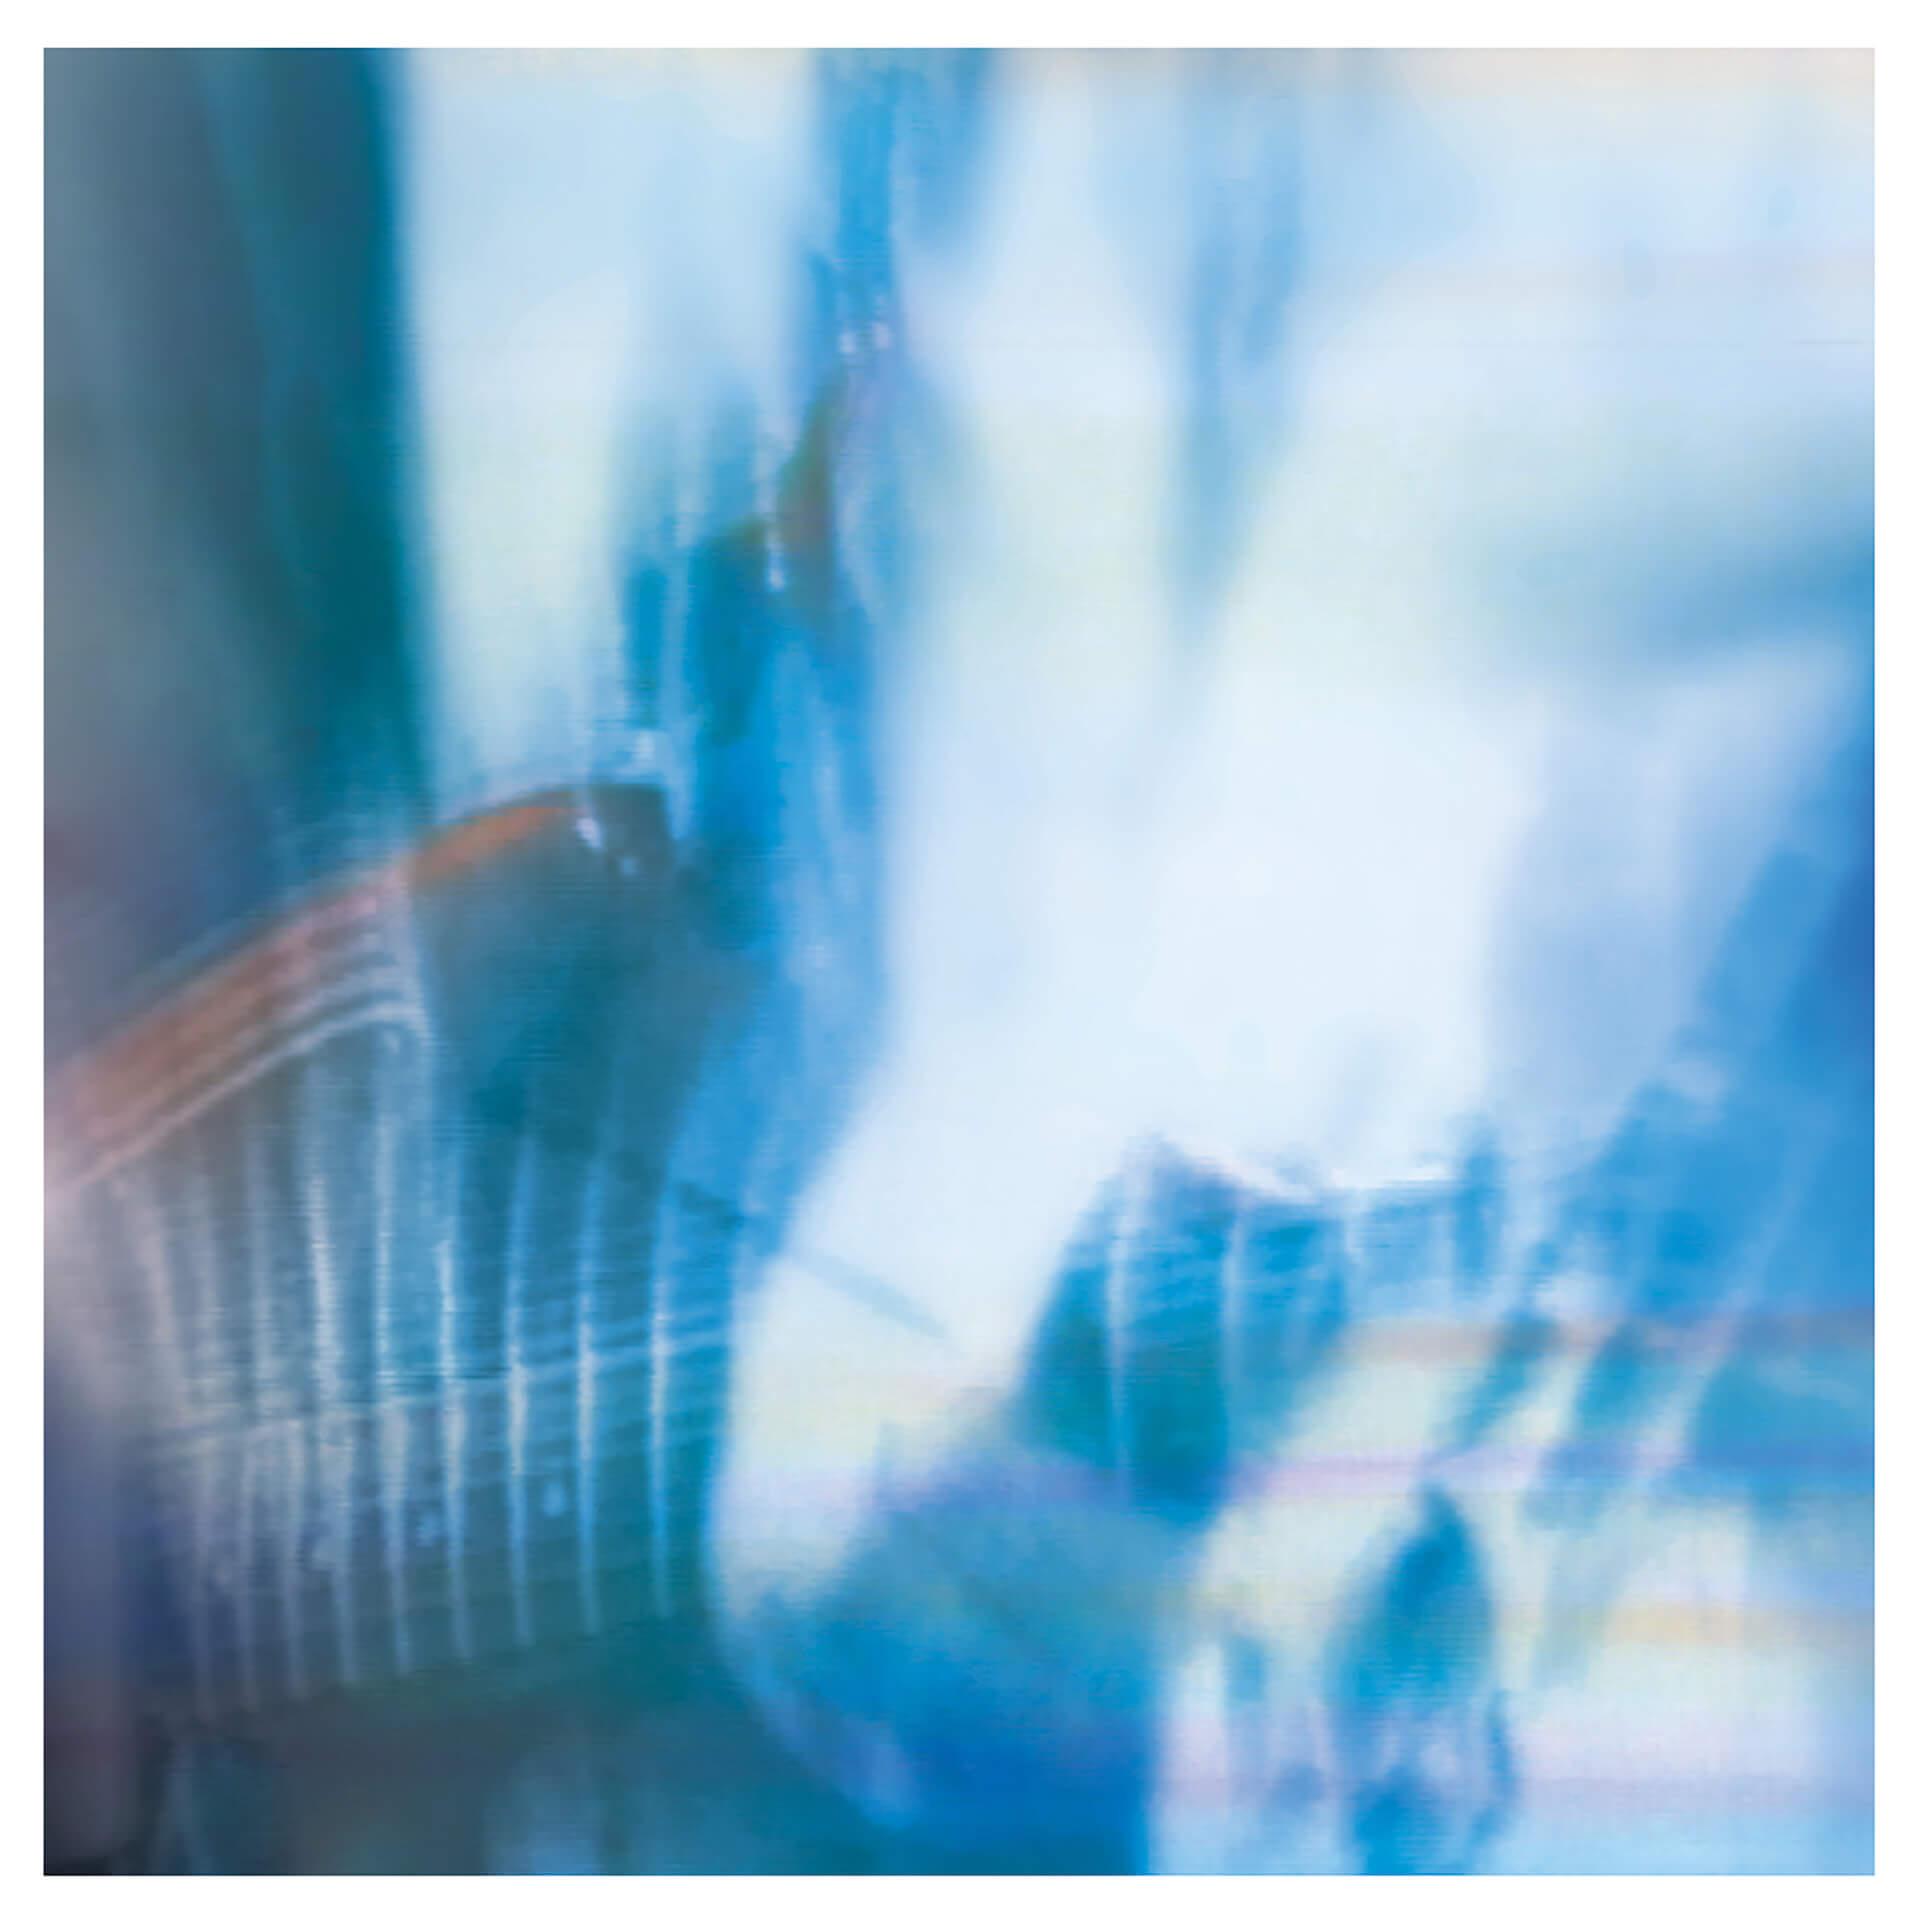 待望のサブスク解禁で話題のMy Bloody Valentineが英ラジオ局にて特別放送をキュレーション!5月には新装盤CDとLPの再発も music210413_mybloodyvalentine-210413_13